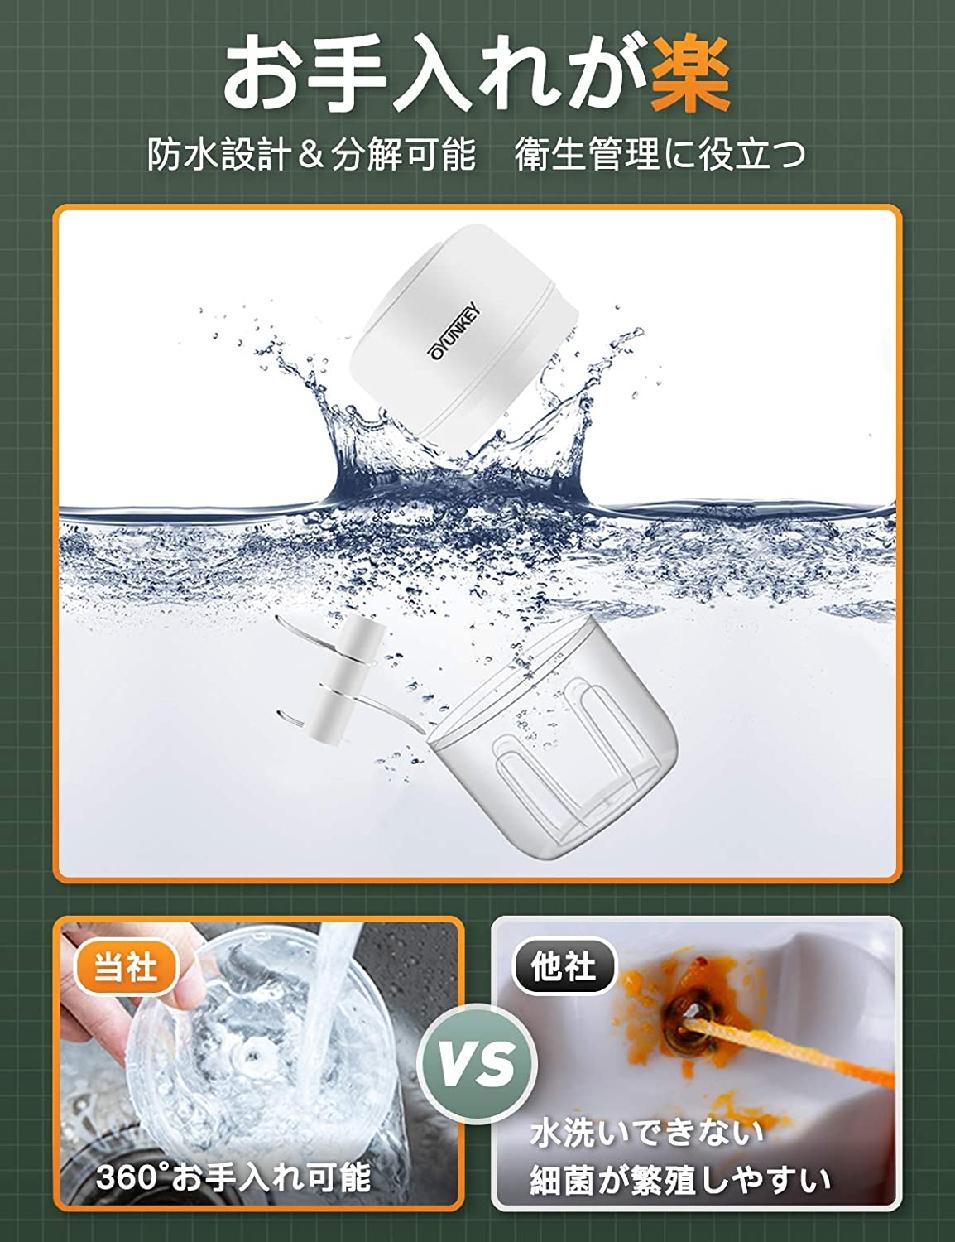 OYUNKEY(オーワイユーキー)みじん切り器 電動 チョッパーの商品画像4